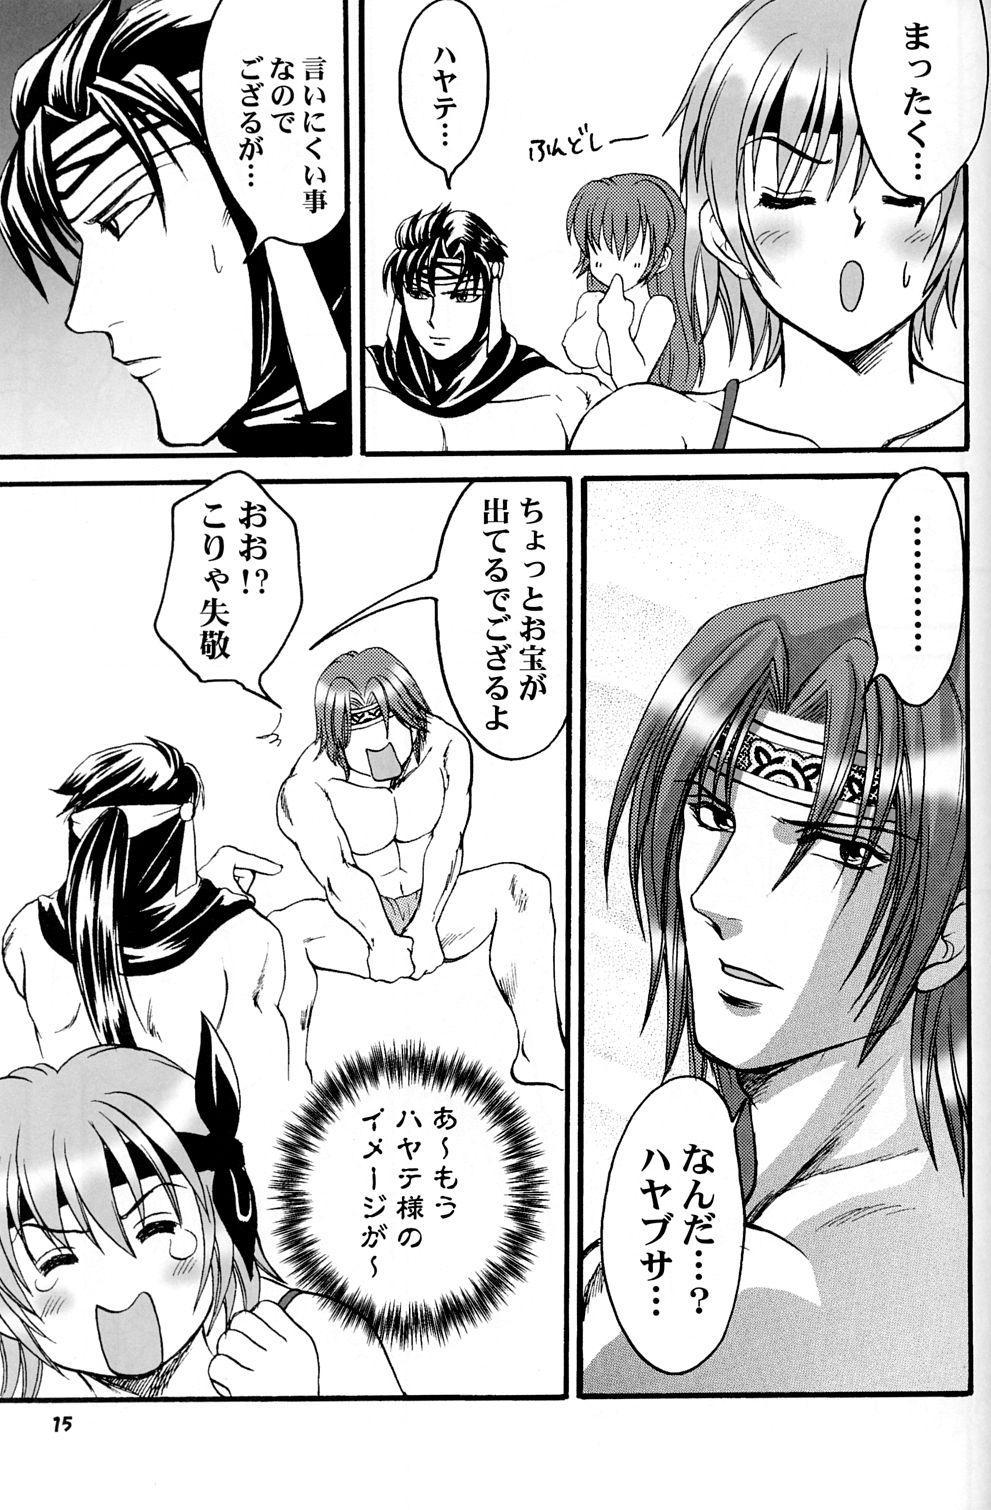 Gokujou desu yo! - It's XTREME! 13